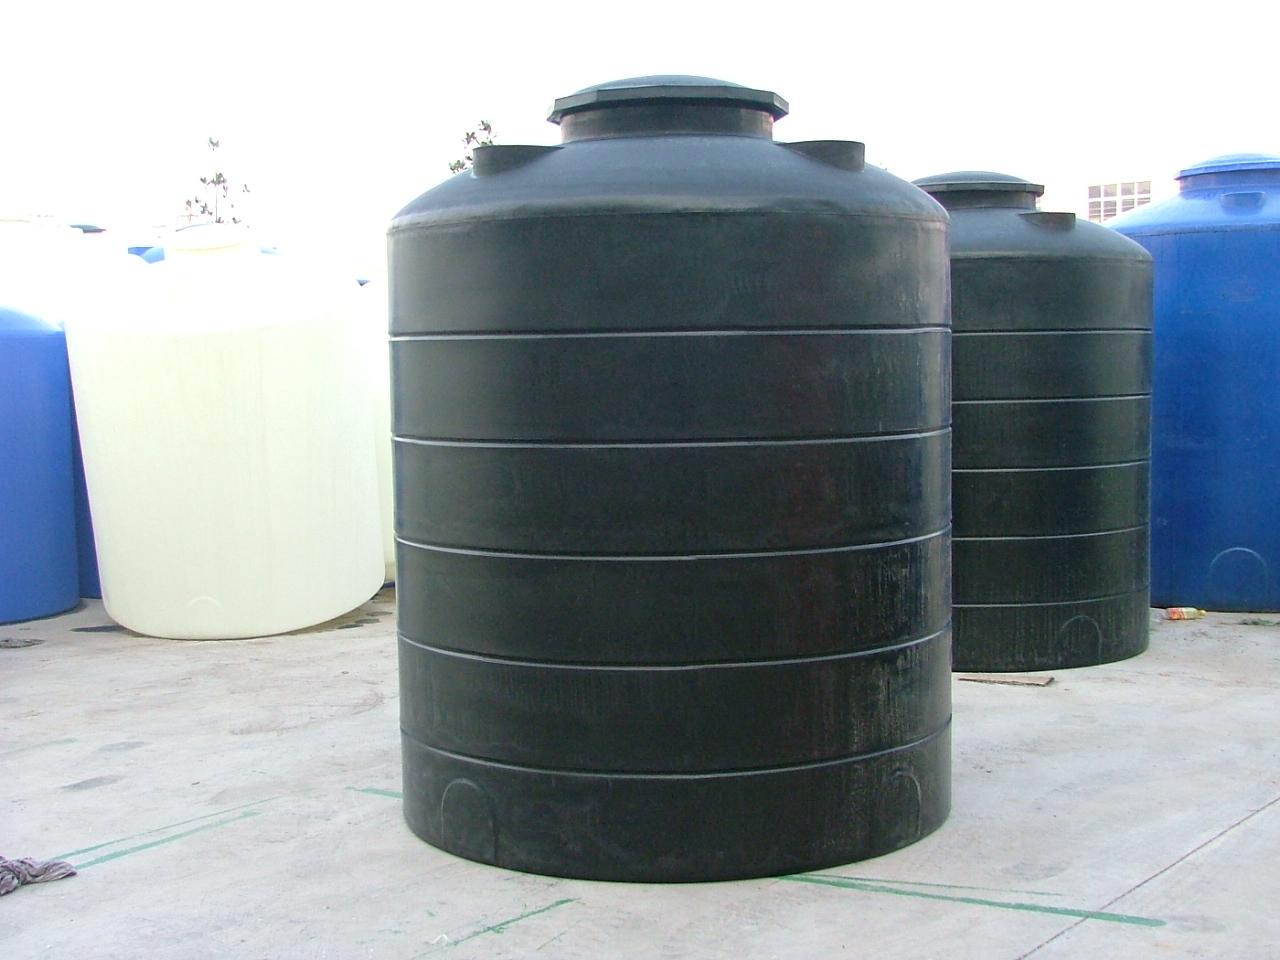 塑料水箱_丽水塑料水箱,塑料水箱价格,塑料水箱厂家,塑料水箱电话 - 全球 ...